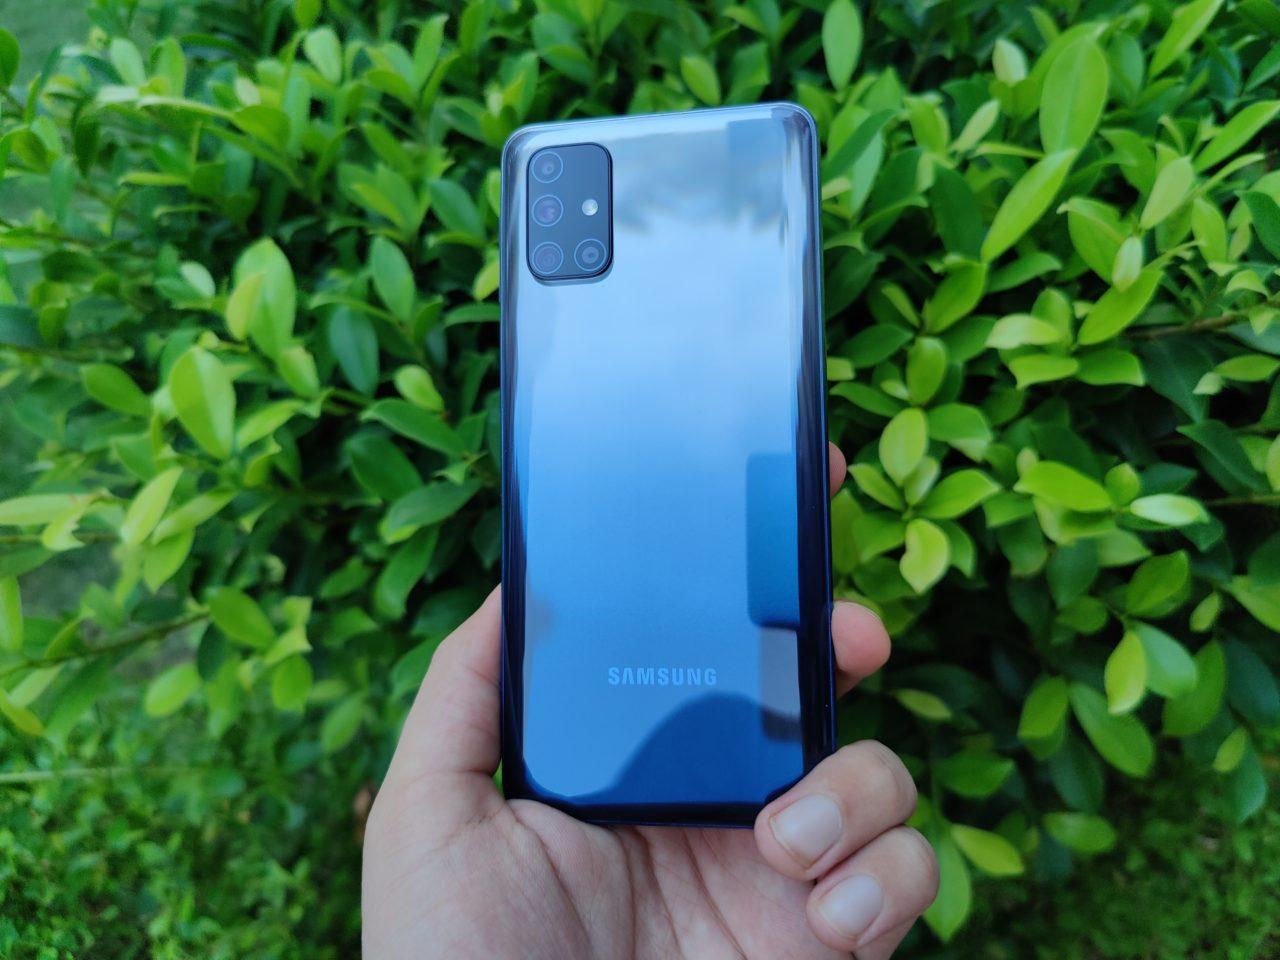 Samsung-Galaxy-M31s-36-1-1280x960-1.jpg